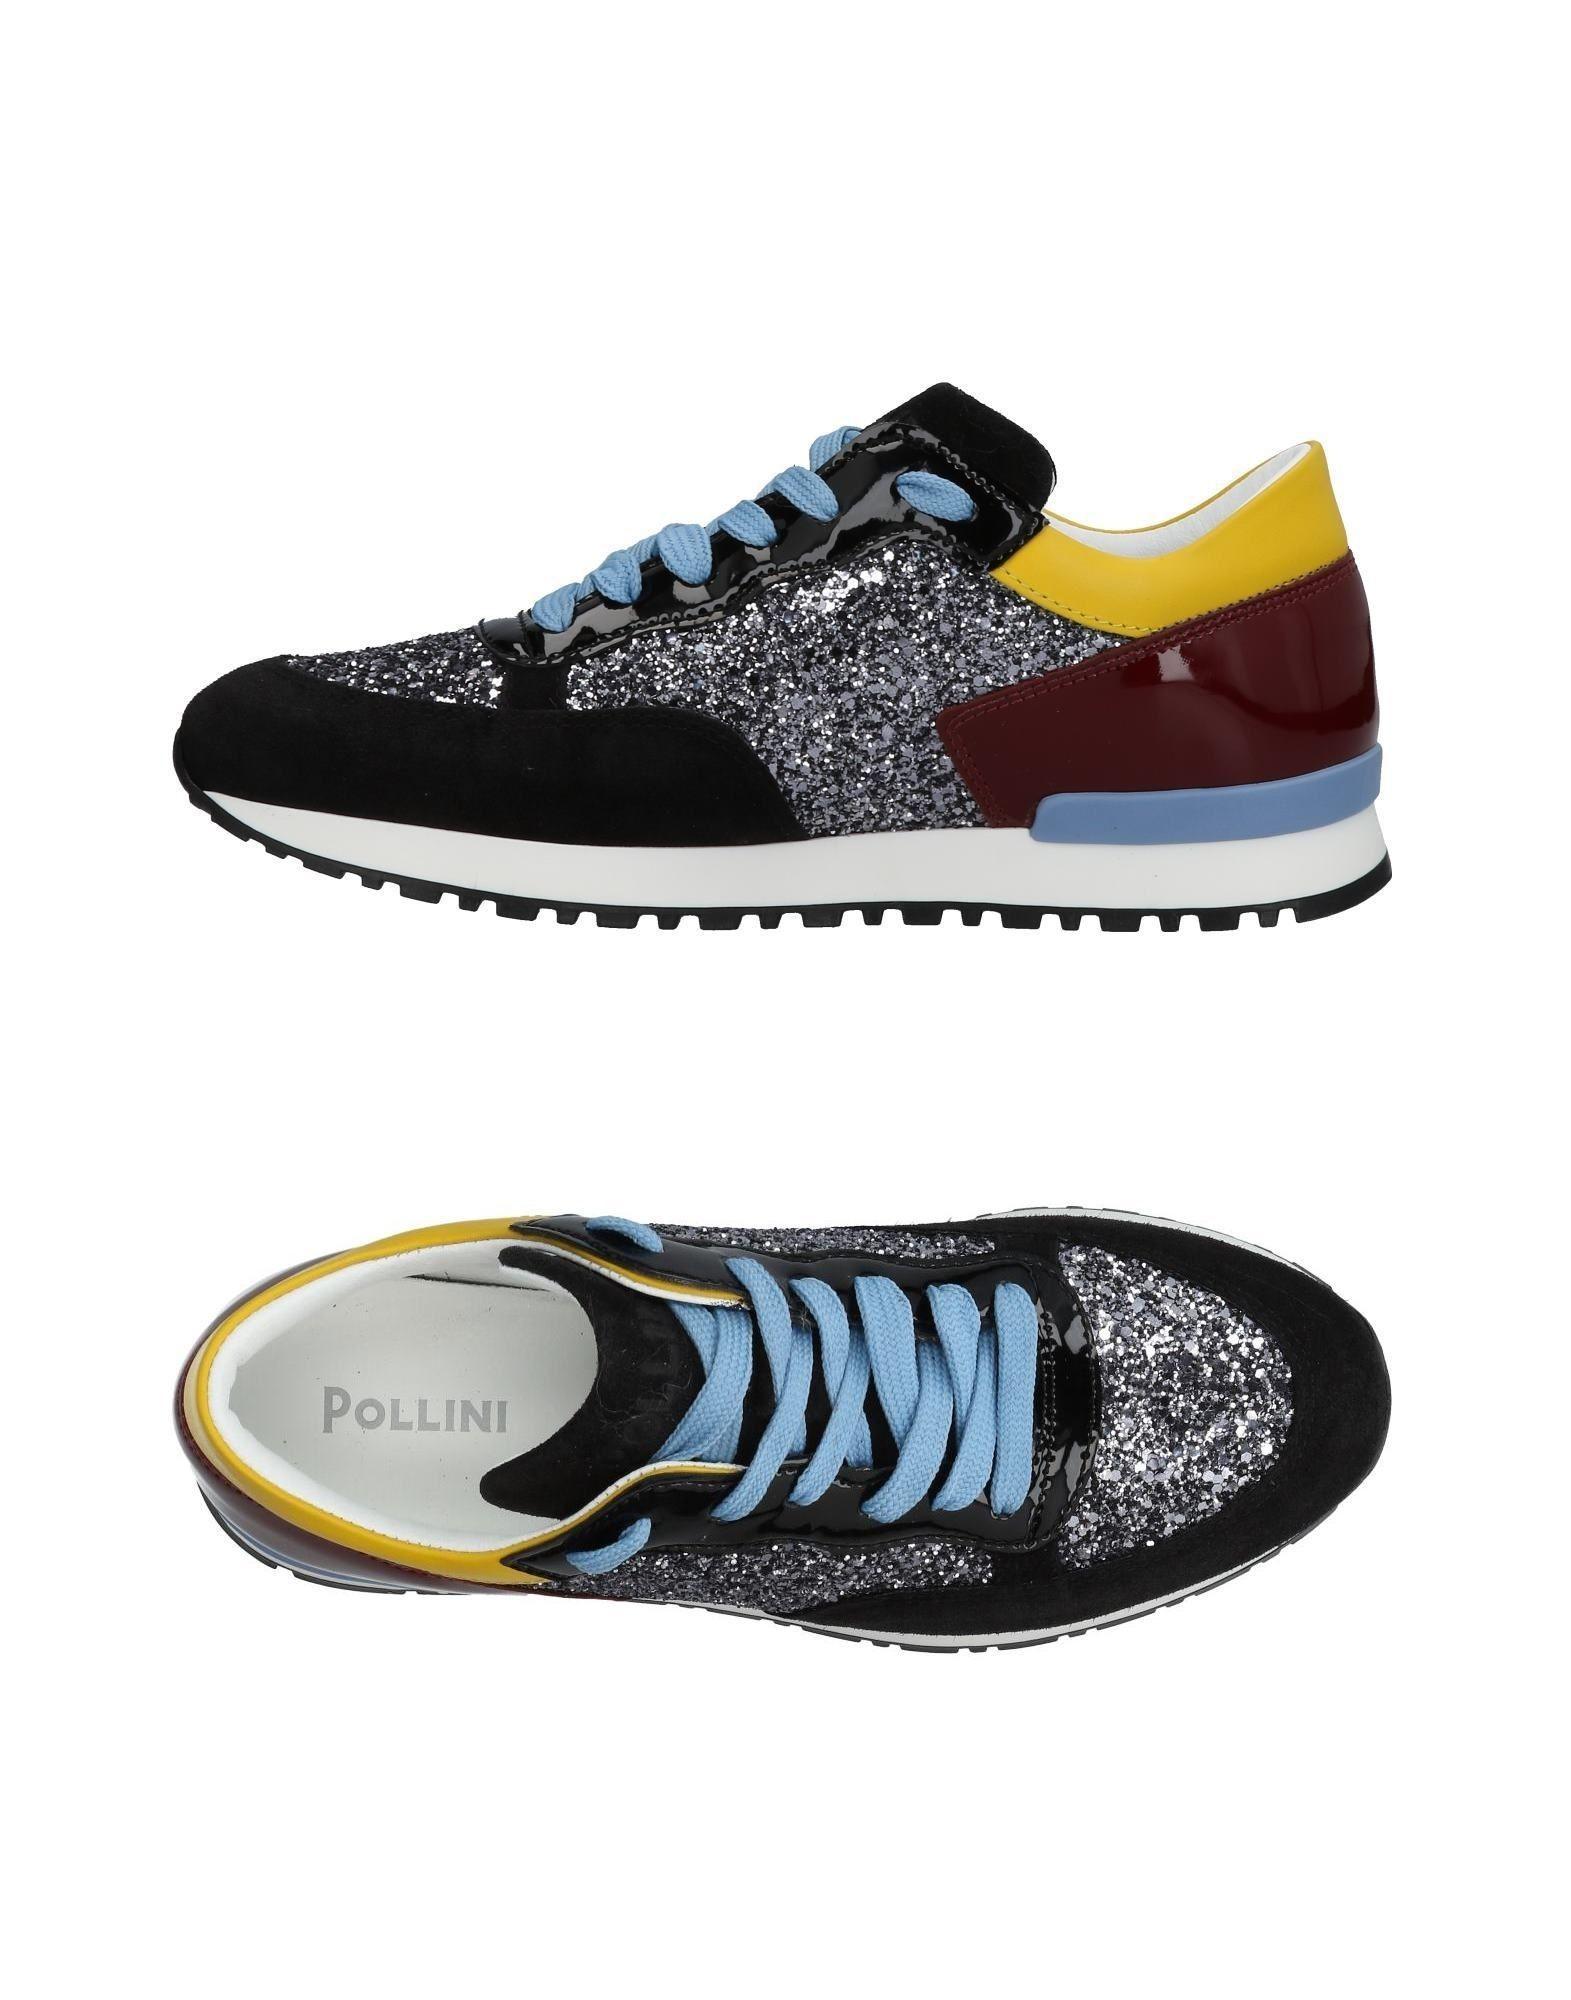 Pollini Sneakers In Grey